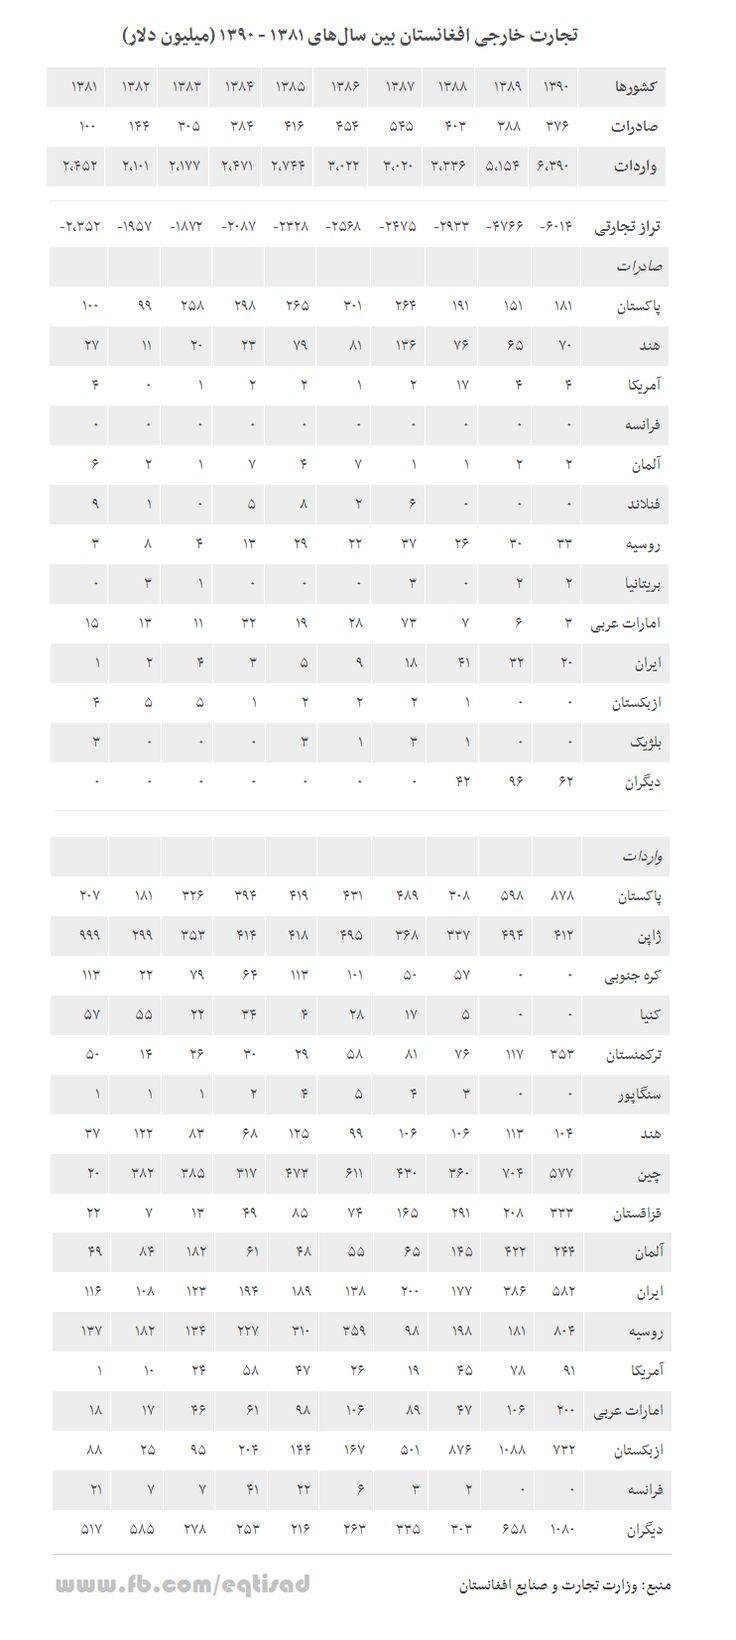 تجارت خارجی افغانستان - بین سالهای 1381 تا 1390 هجری خورشیدی (ملیون دالر)